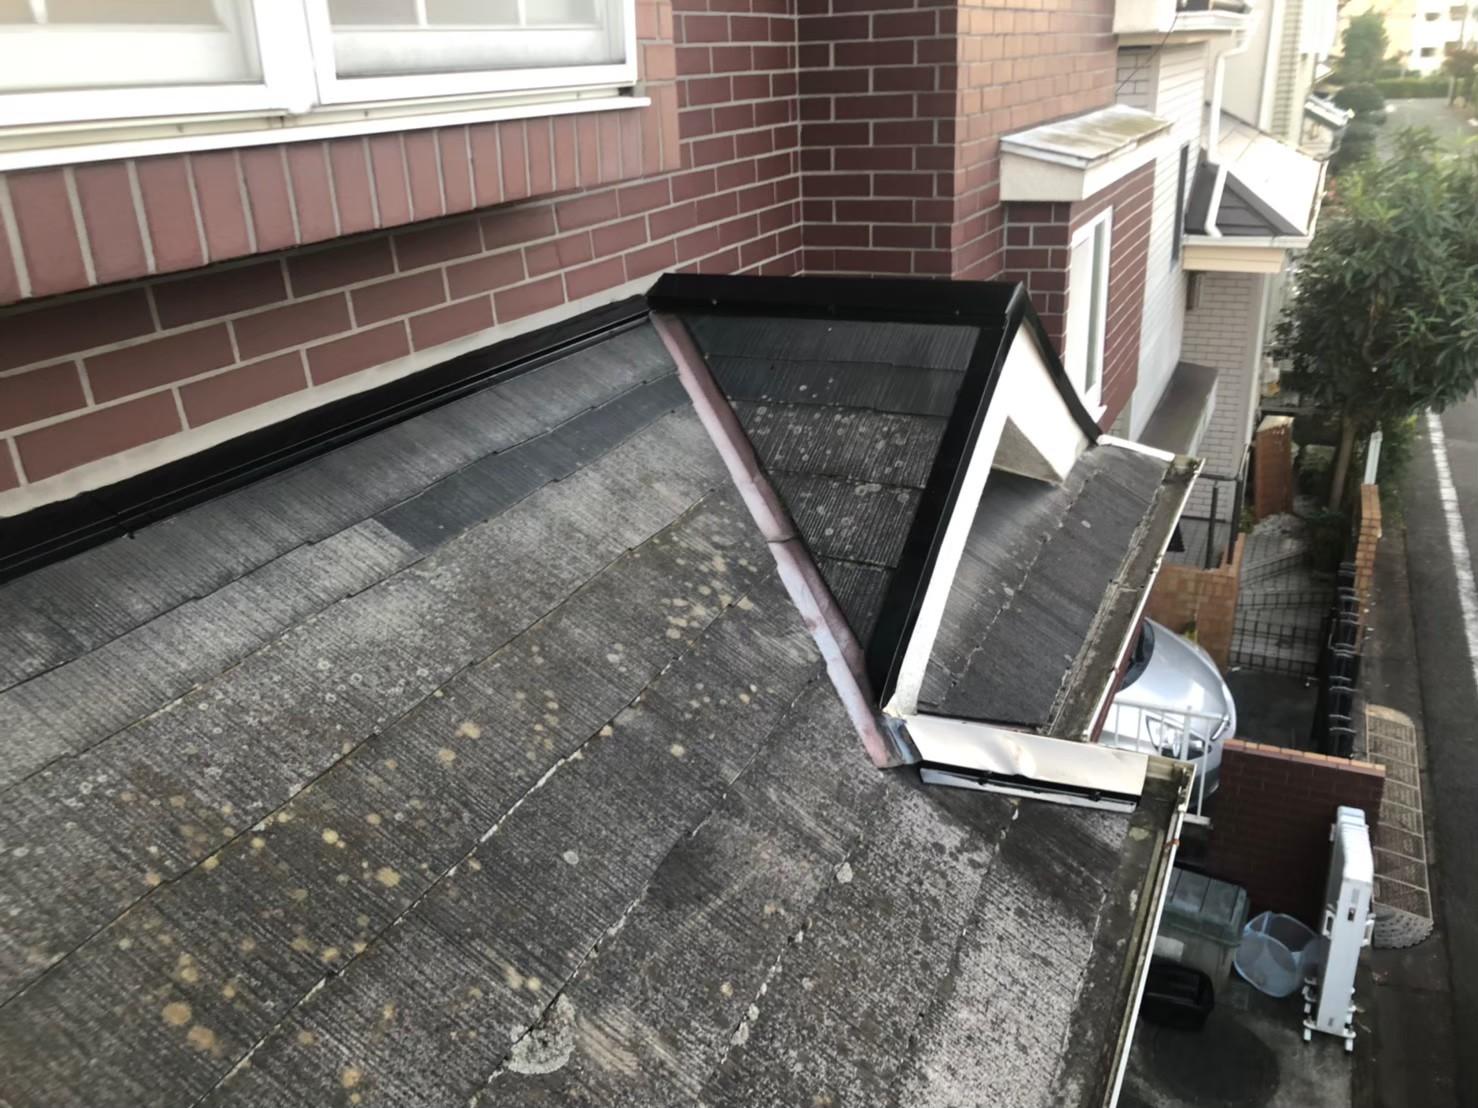 【施工完了報告!】現地調査では屋根には上りません!横浜市戸塚区にて棟板金工事完工!